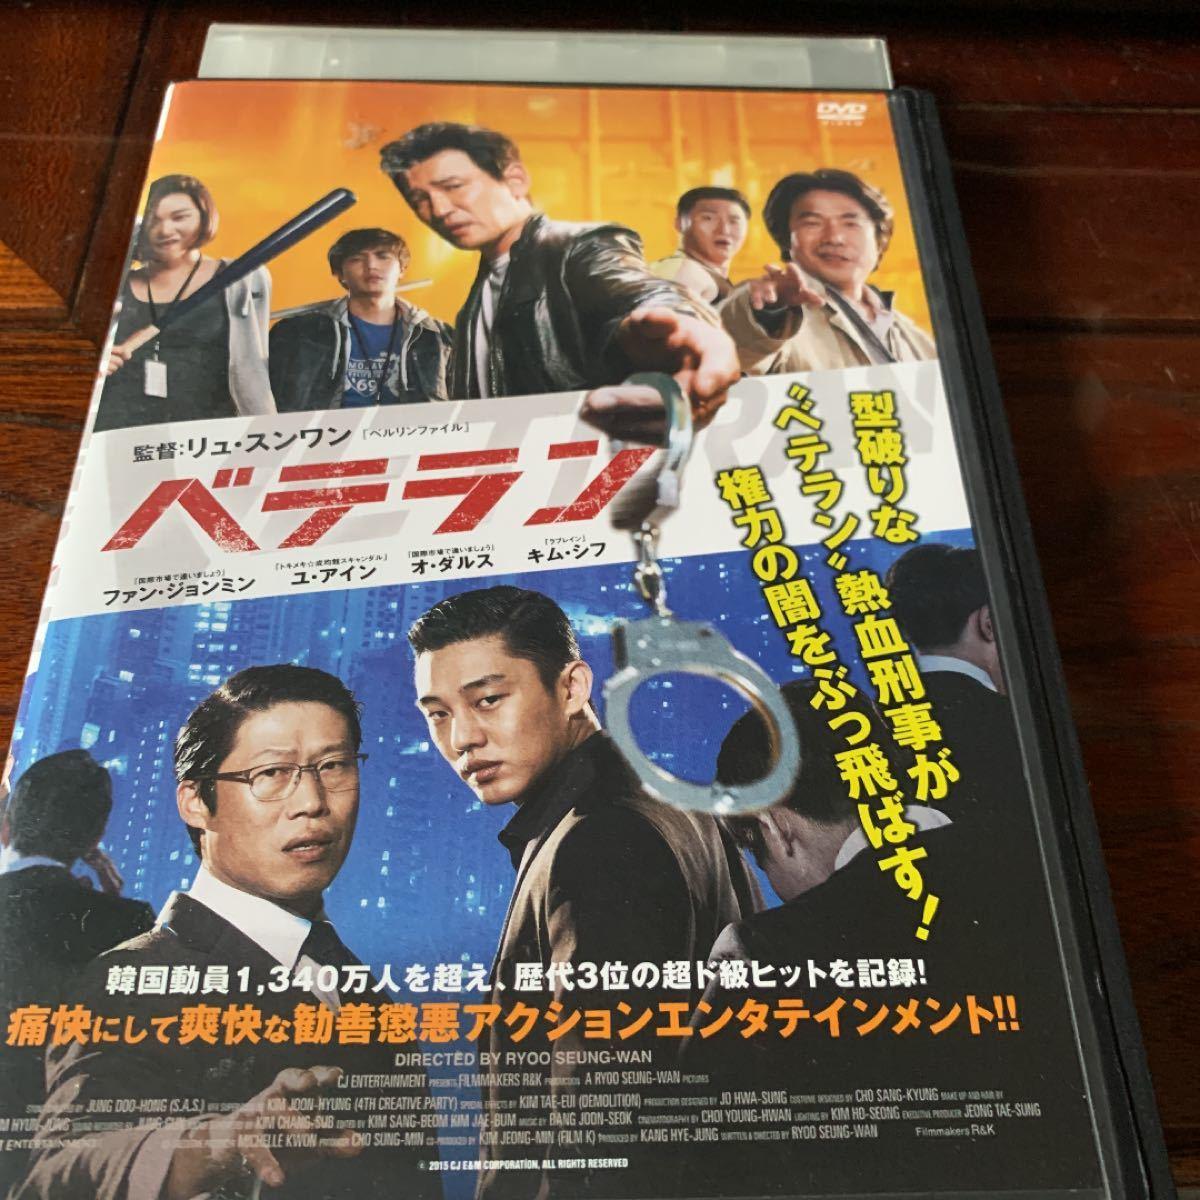 レンタル落ち 韓国映画 ベテラン